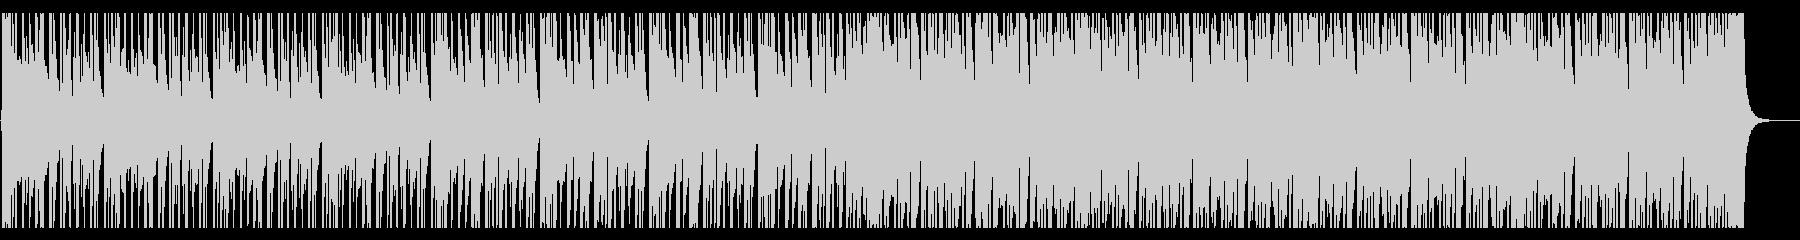 キラキラ/ピアノハウス_No423_3の未再生の波形